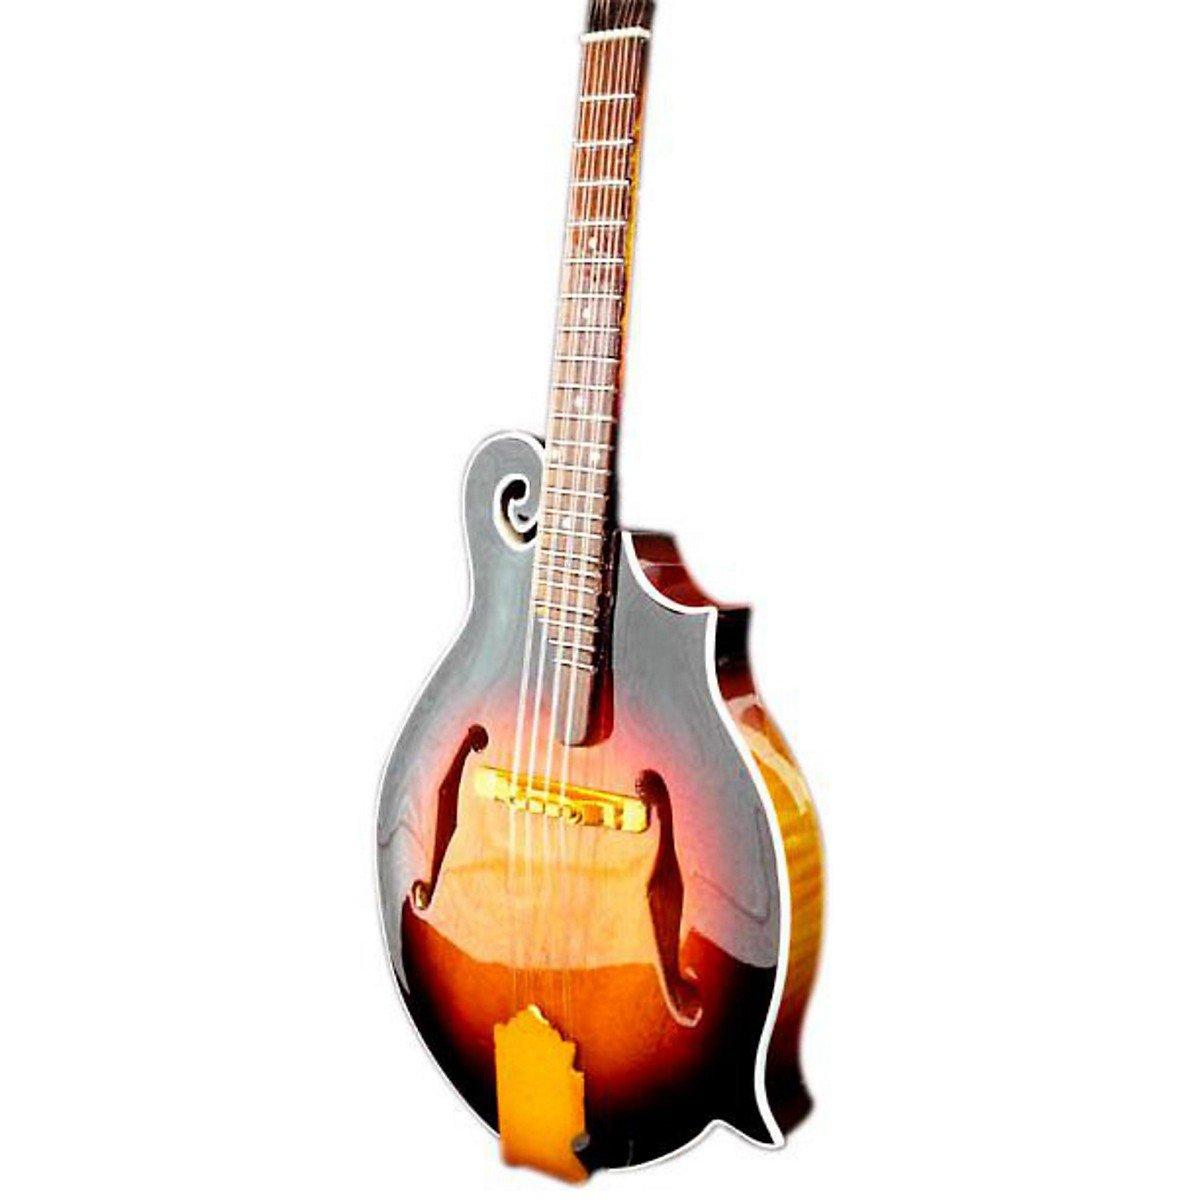 Axe Heaven MD-603 Classic Sunburst F-Style Mandolin Mini Guitar Replica